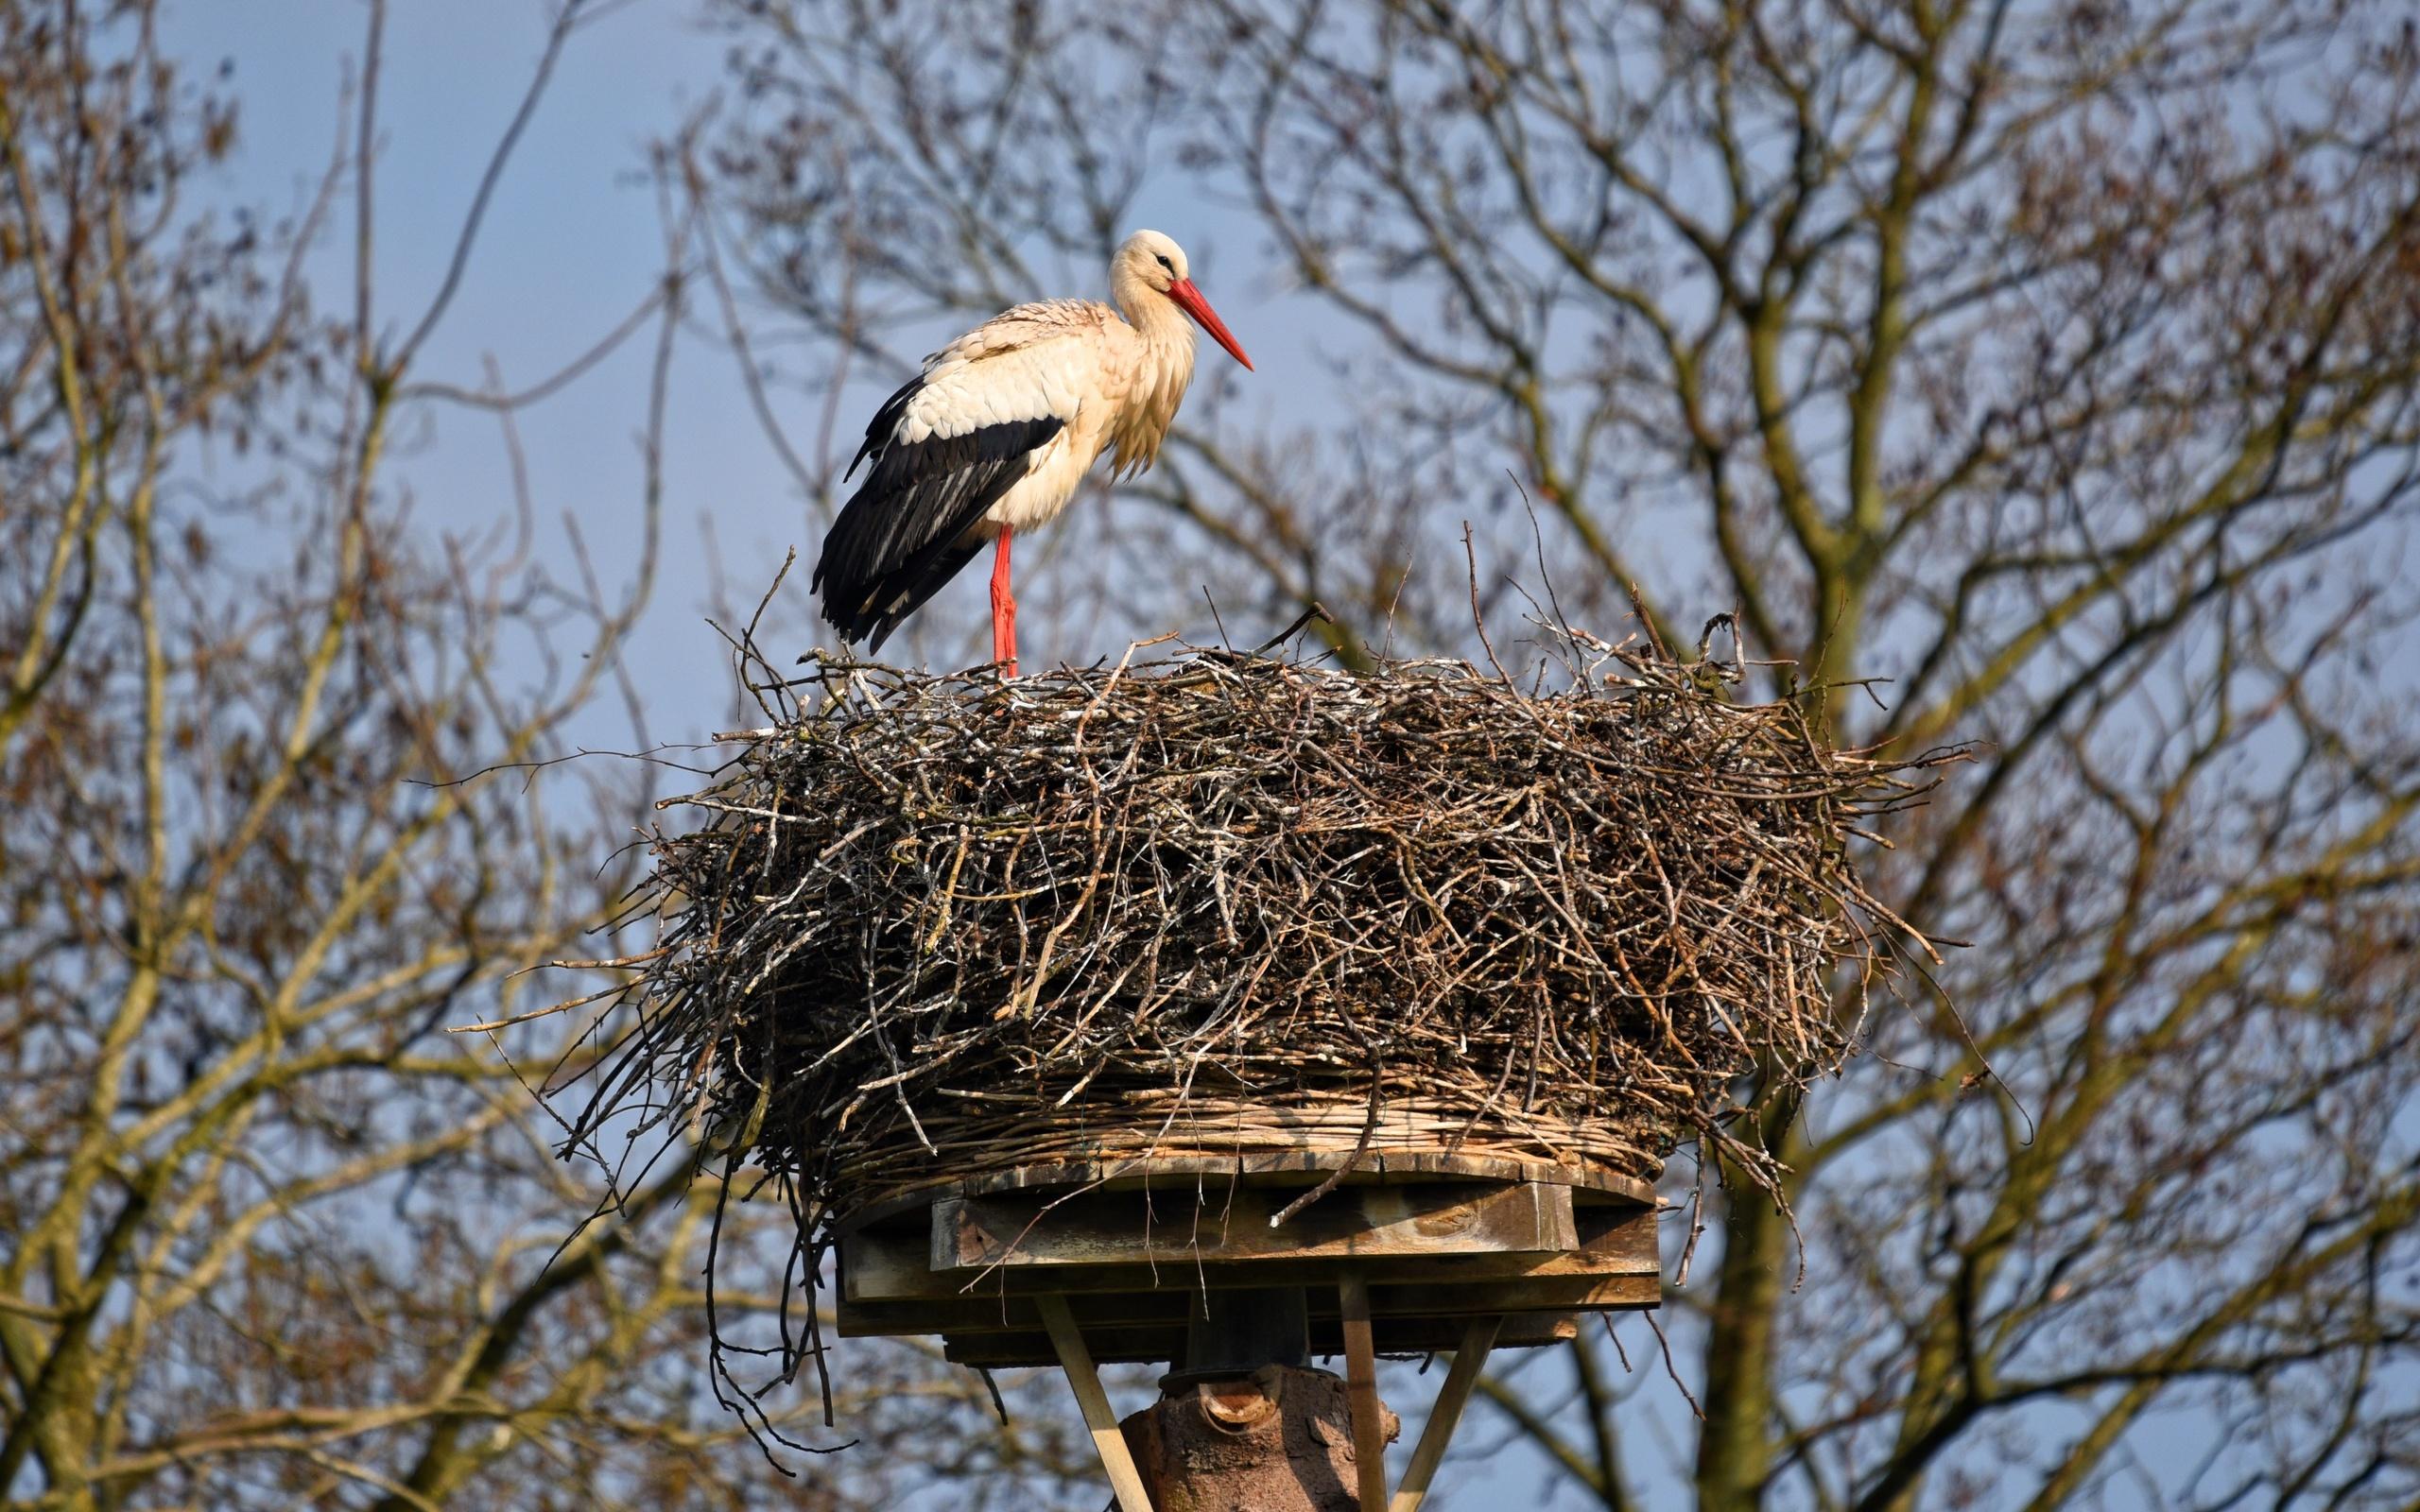 картинка аист в гнезде на дереве что сердечки готовятся